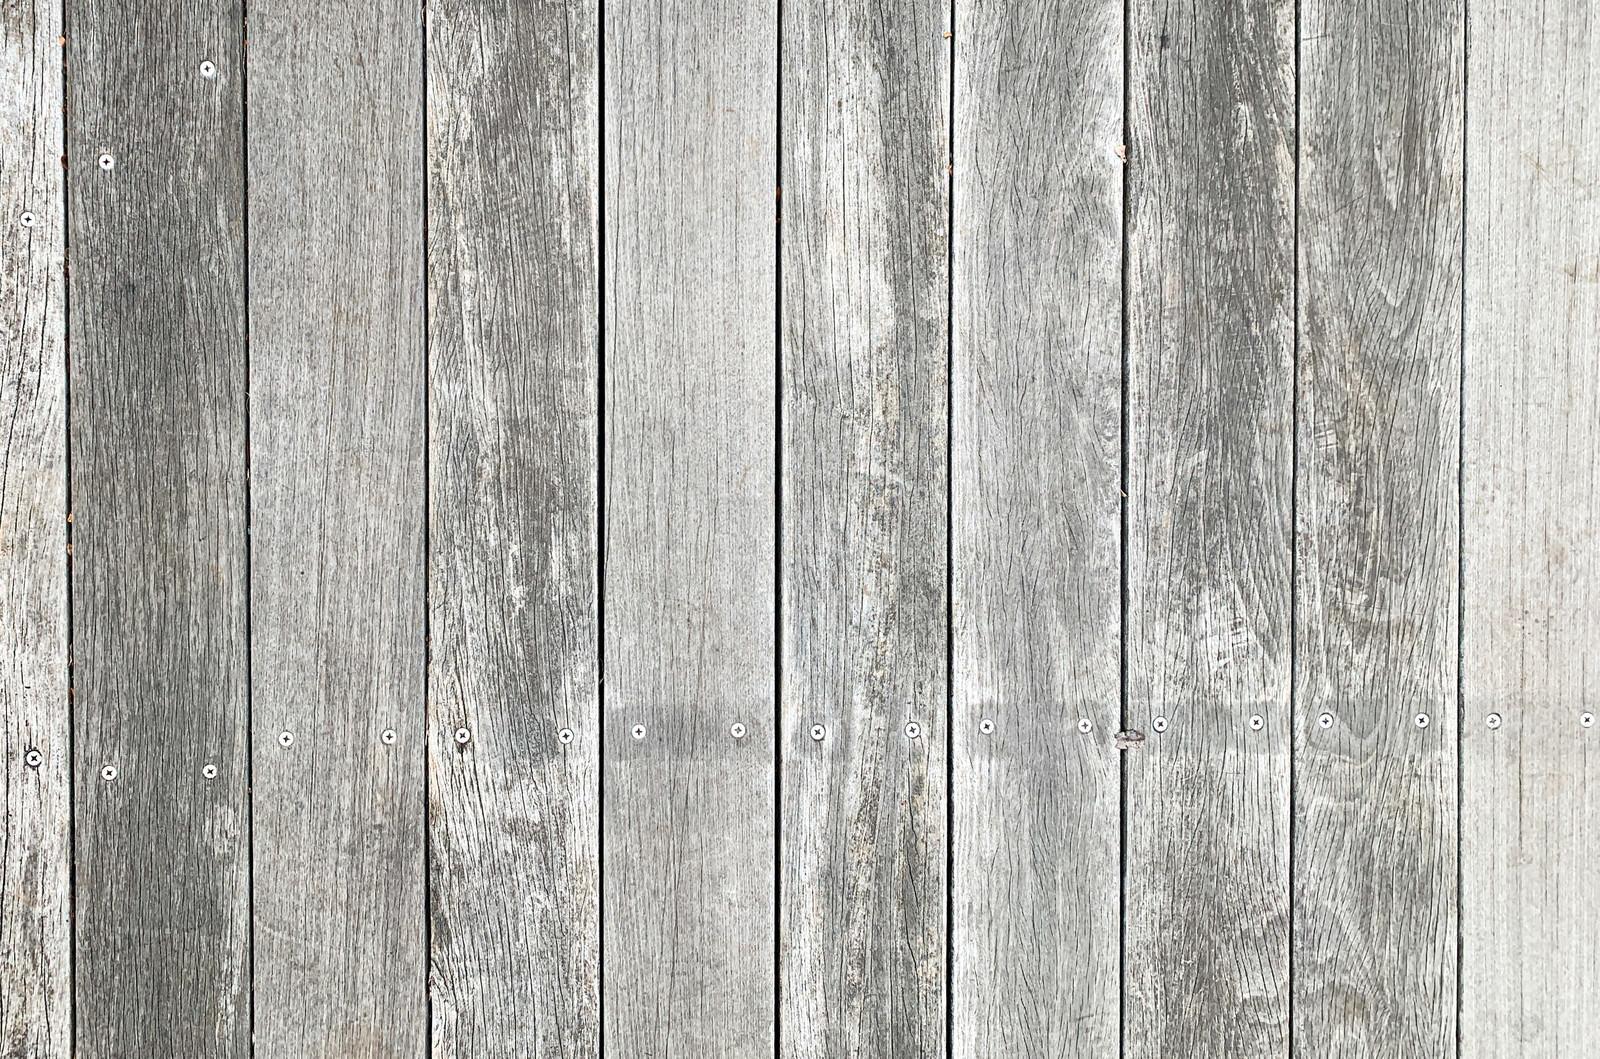 「足場の板(テクスチャ)」の写真